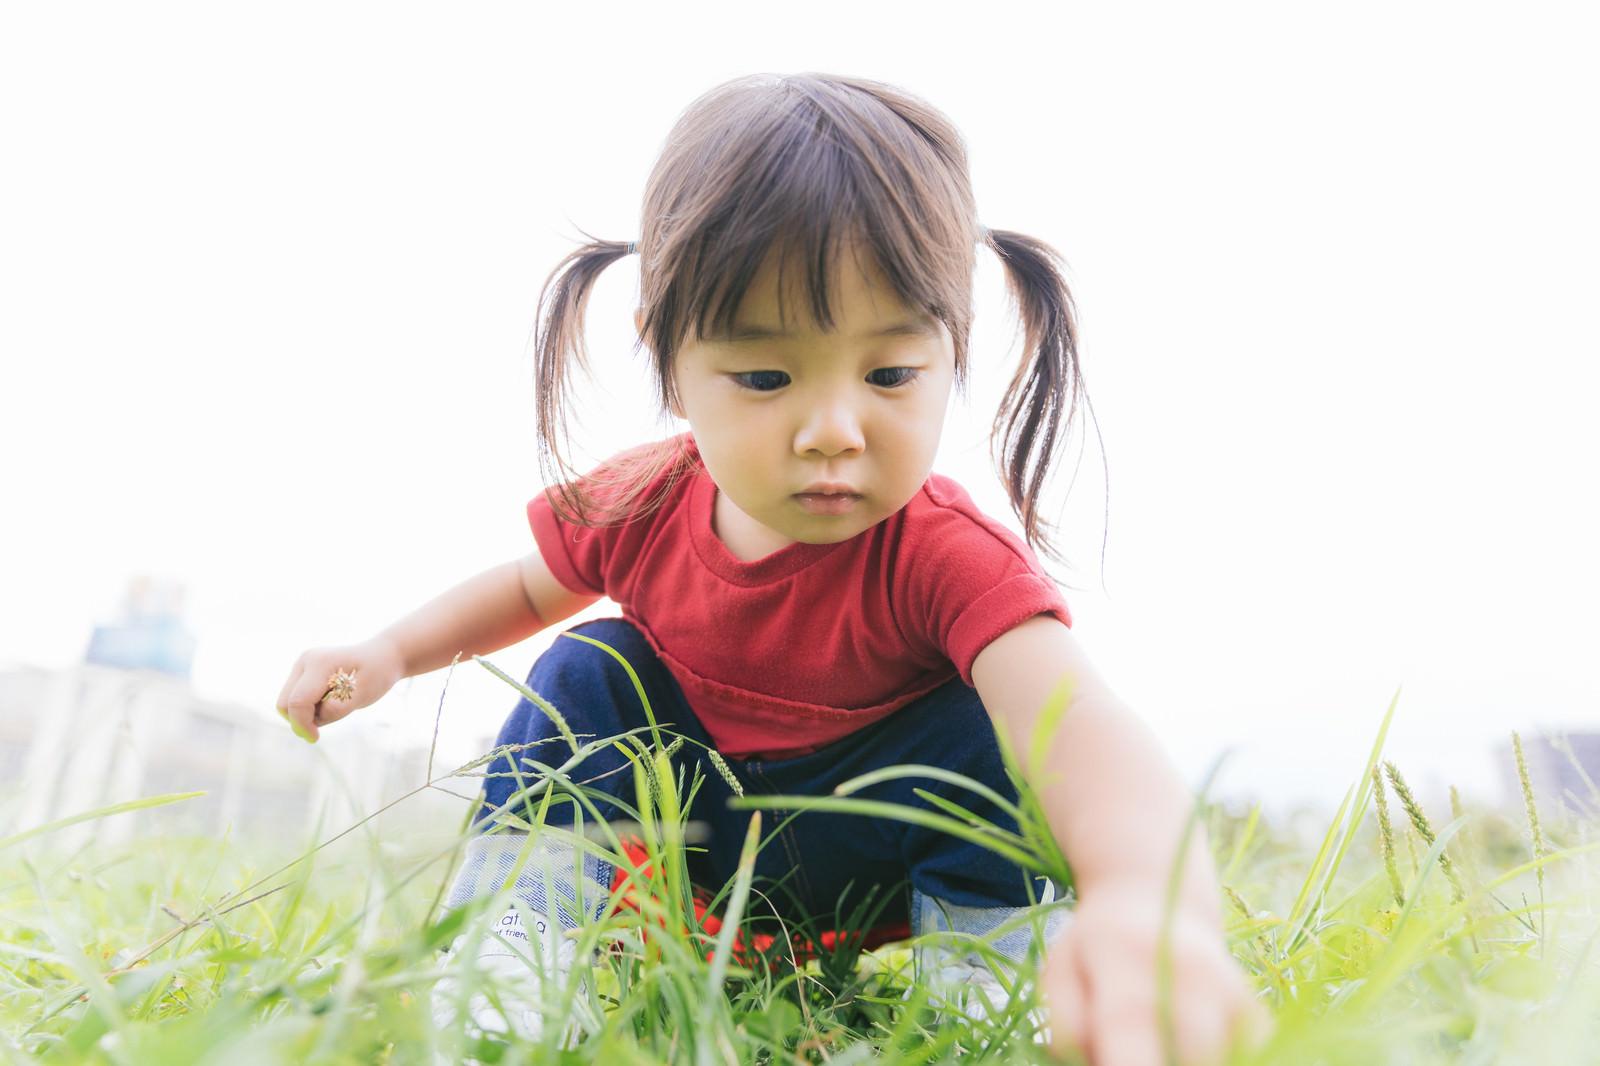 「公園でお花を摘むツインテ女児」の写真[モデル:あおみどり]